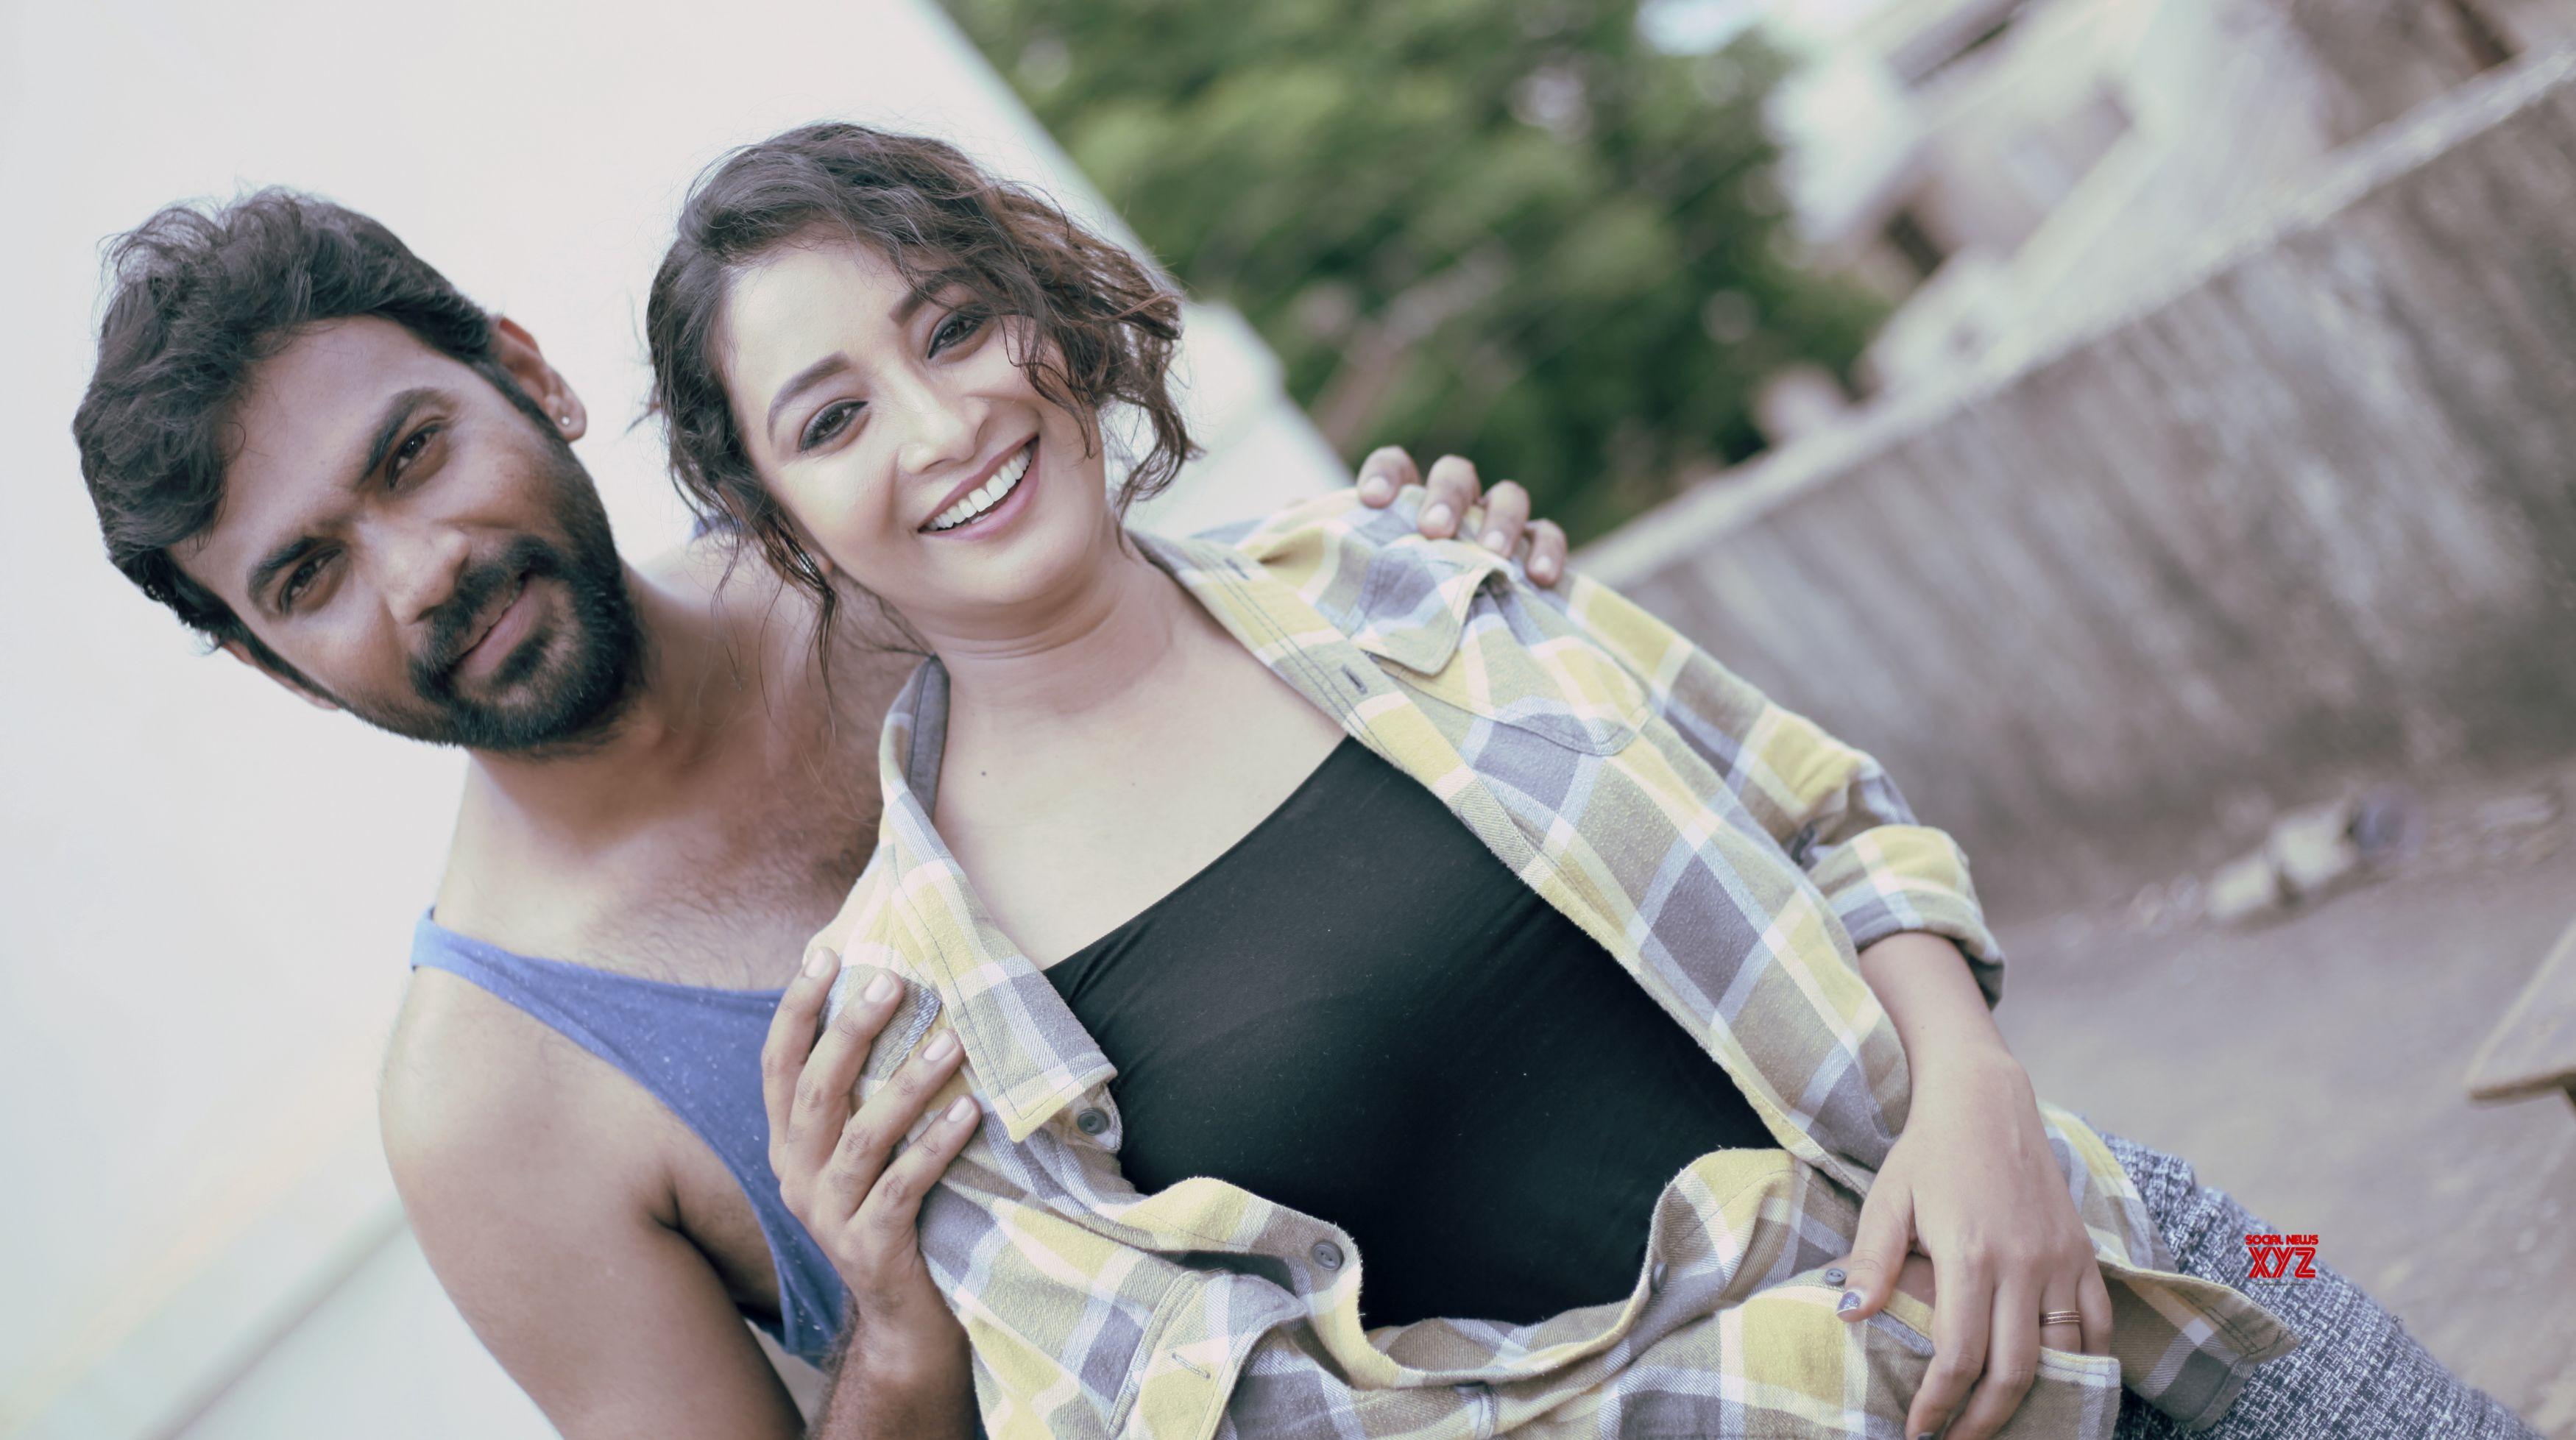 Yedu Chepala Katha Movie New Hd Stills Social News Xyz